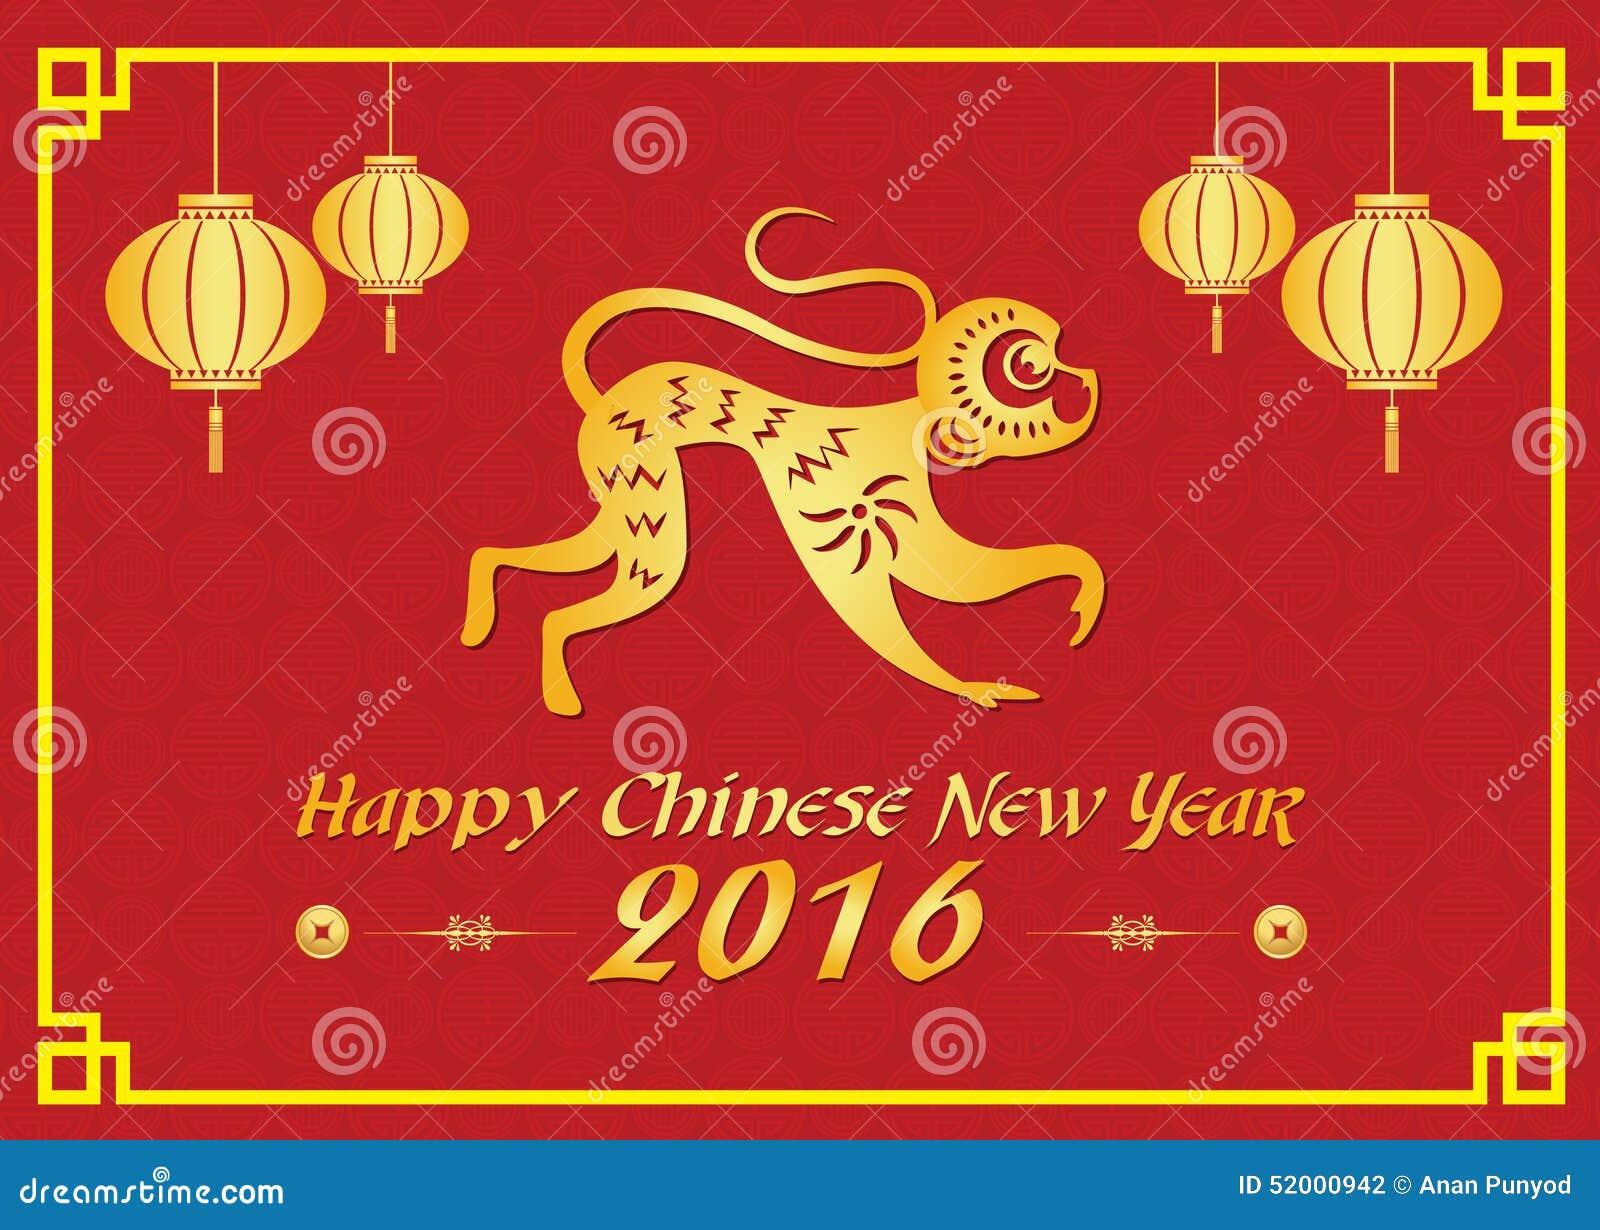 愉快的春节2016卡片是灯笼,金猴子,并且chiness词是卑鄙幸福